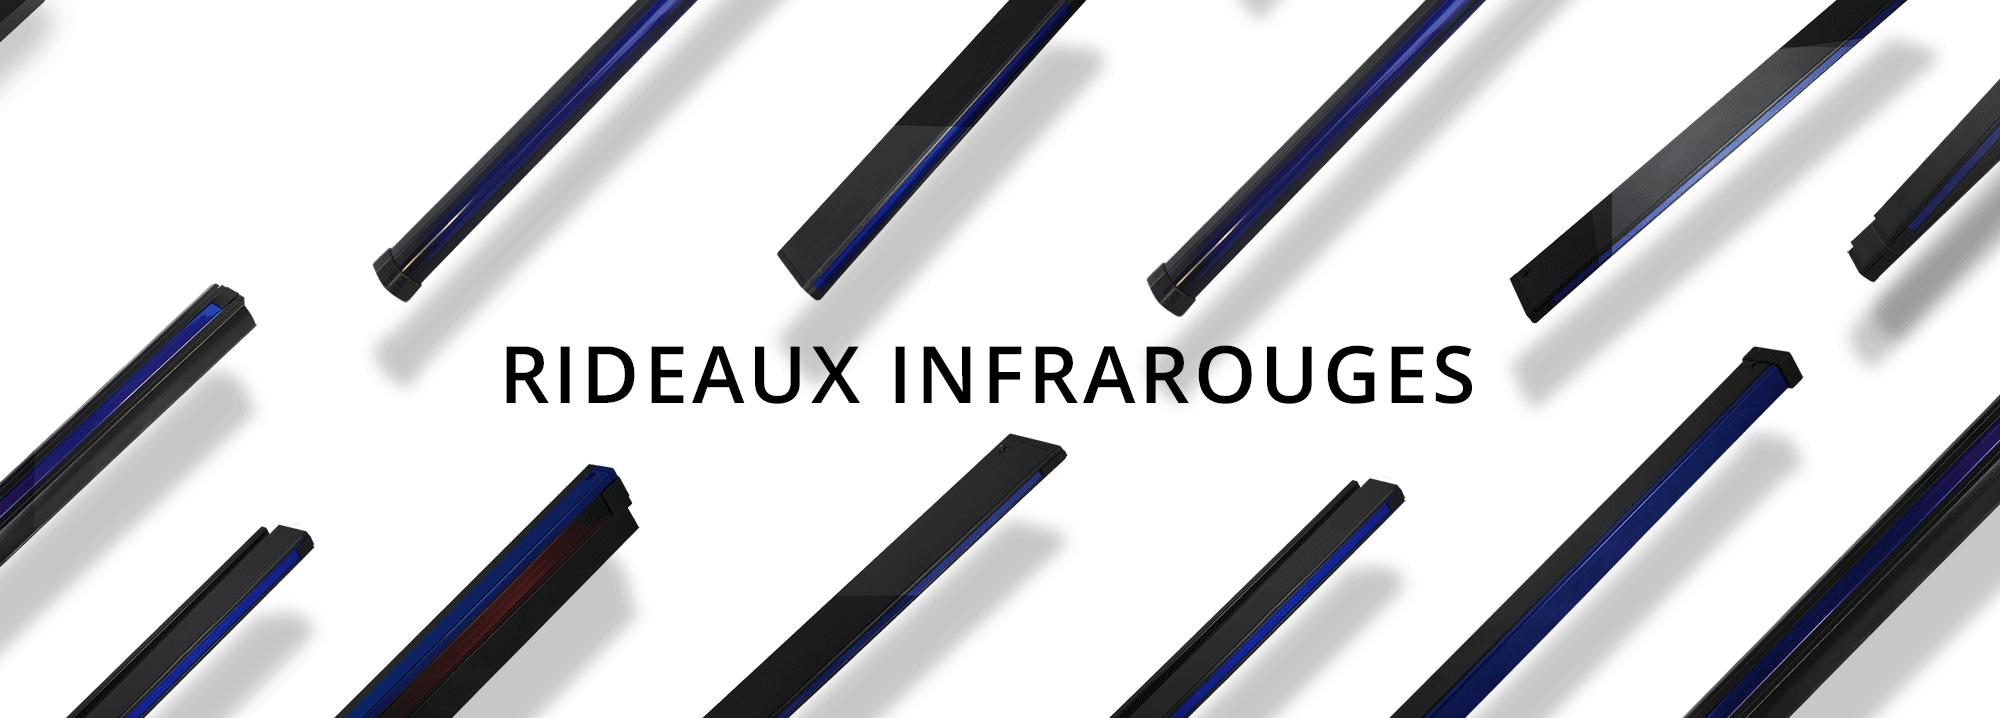 rideaux-infrarouges-ascenseurs-detecteurs-portes-weco-france